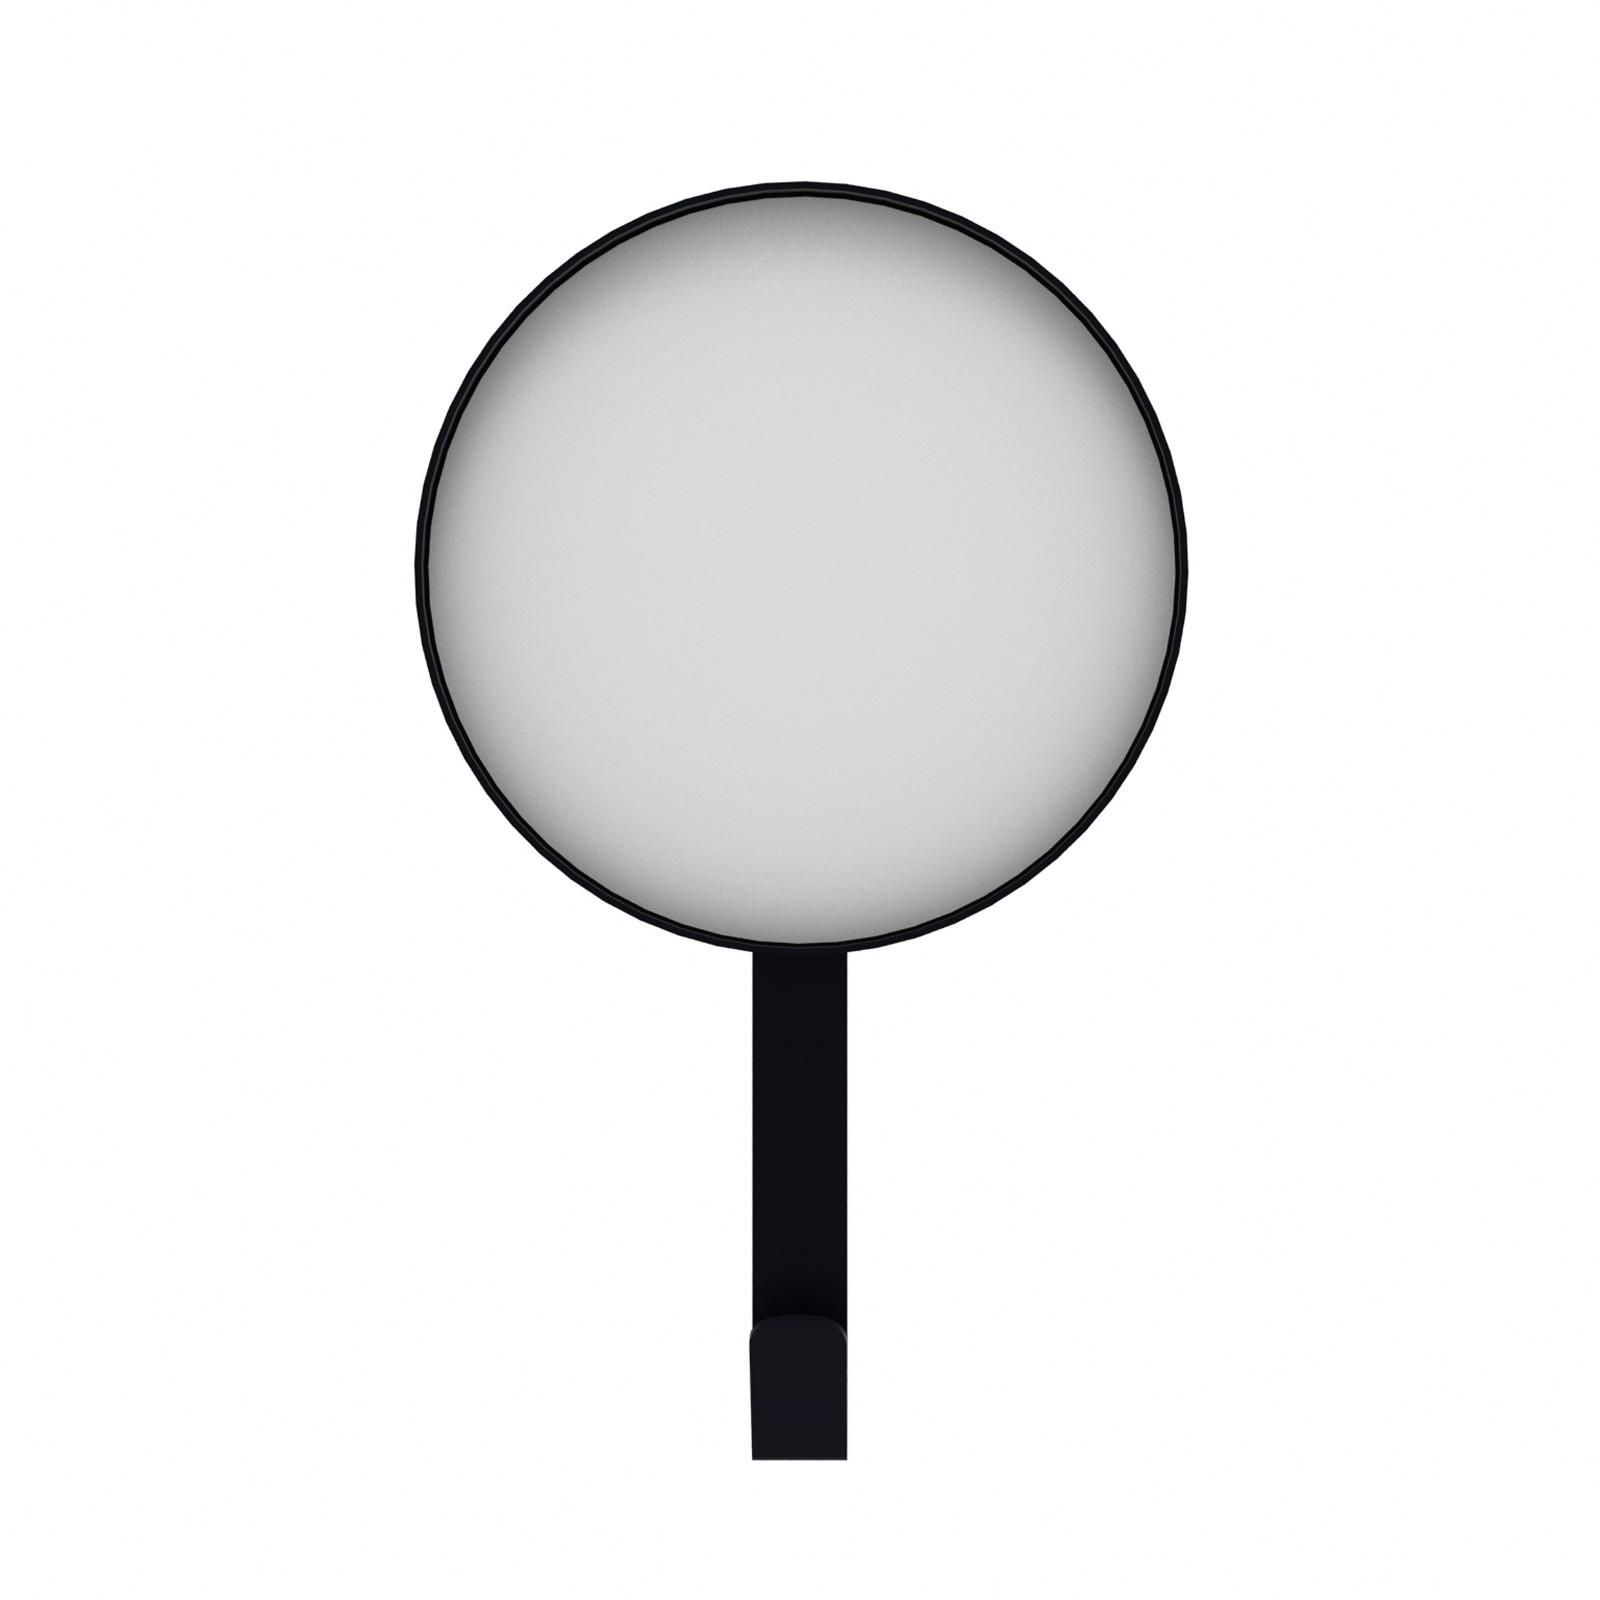 mirror clipart black and white. kaschkasch hook mirror black clipart and white g